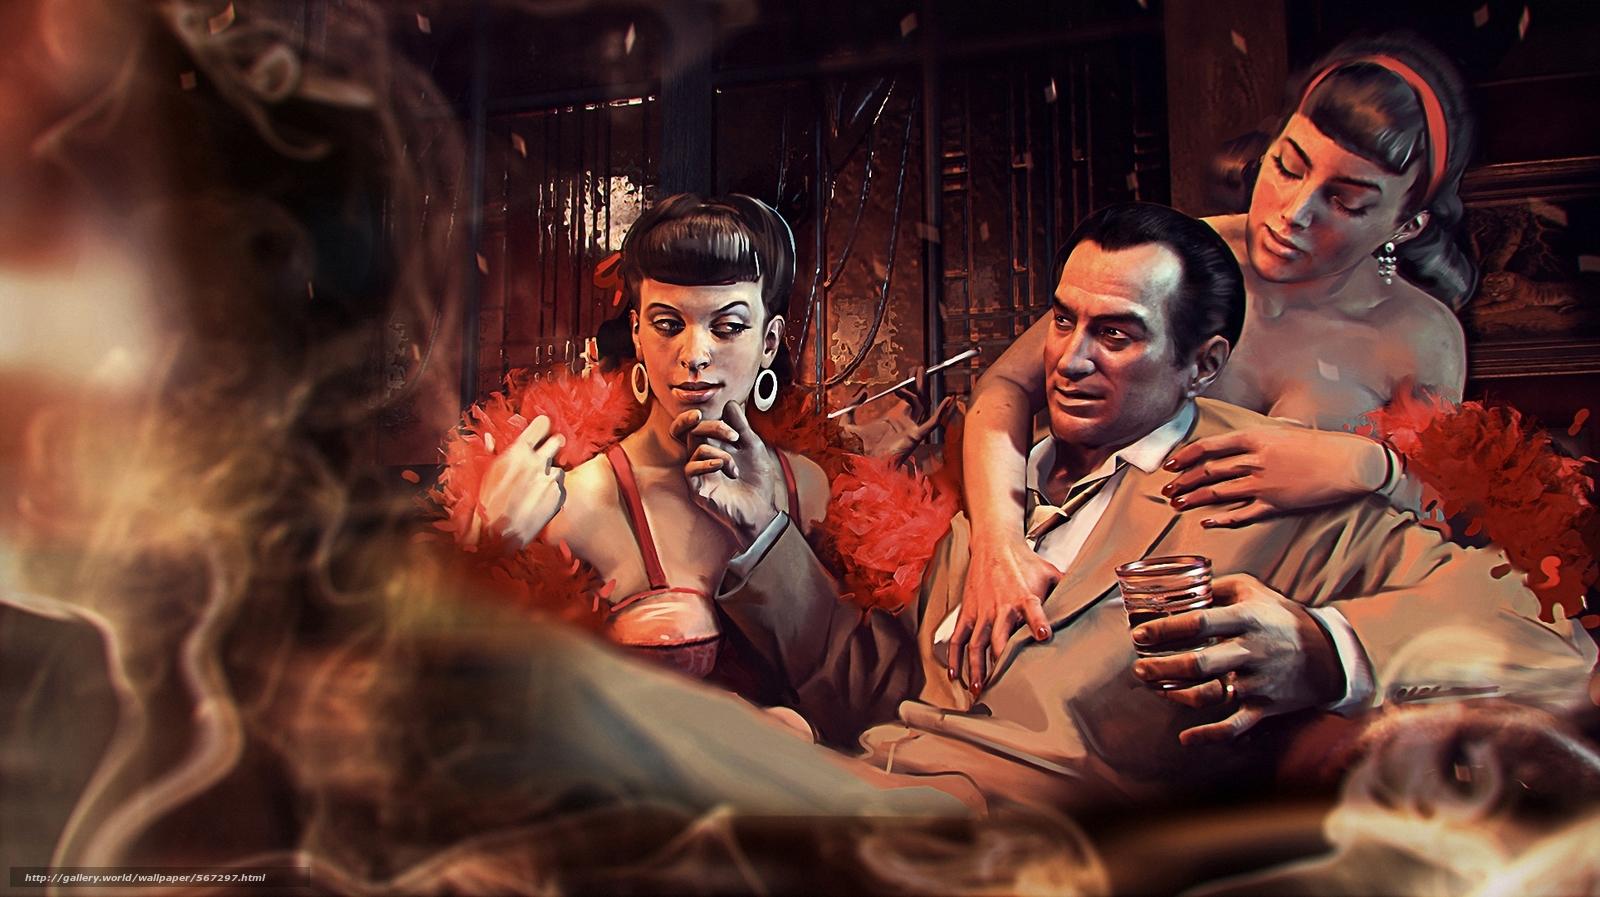 Скачать обои арт,  дым,  девушки,  мужчина бесплатно для рабочего стола в разрешении 1927x1080 — картинка №567297